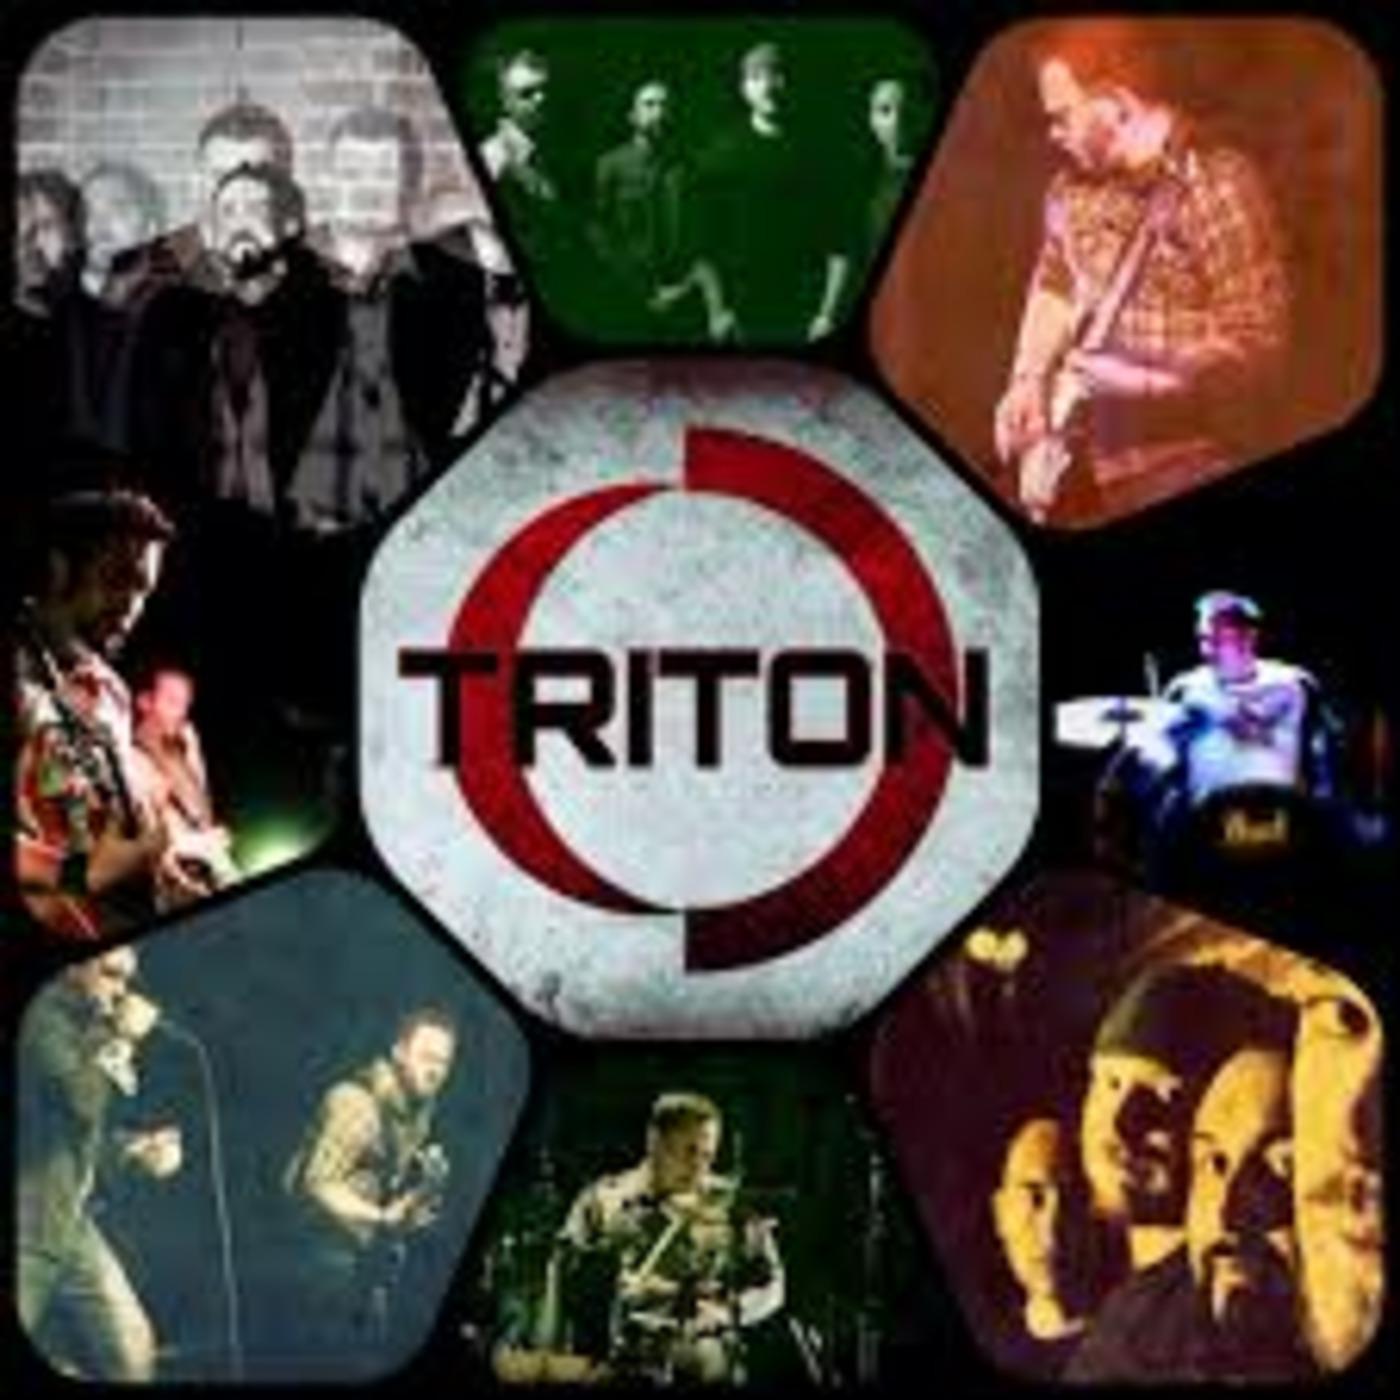 Triton (One)....Charlotte, NC